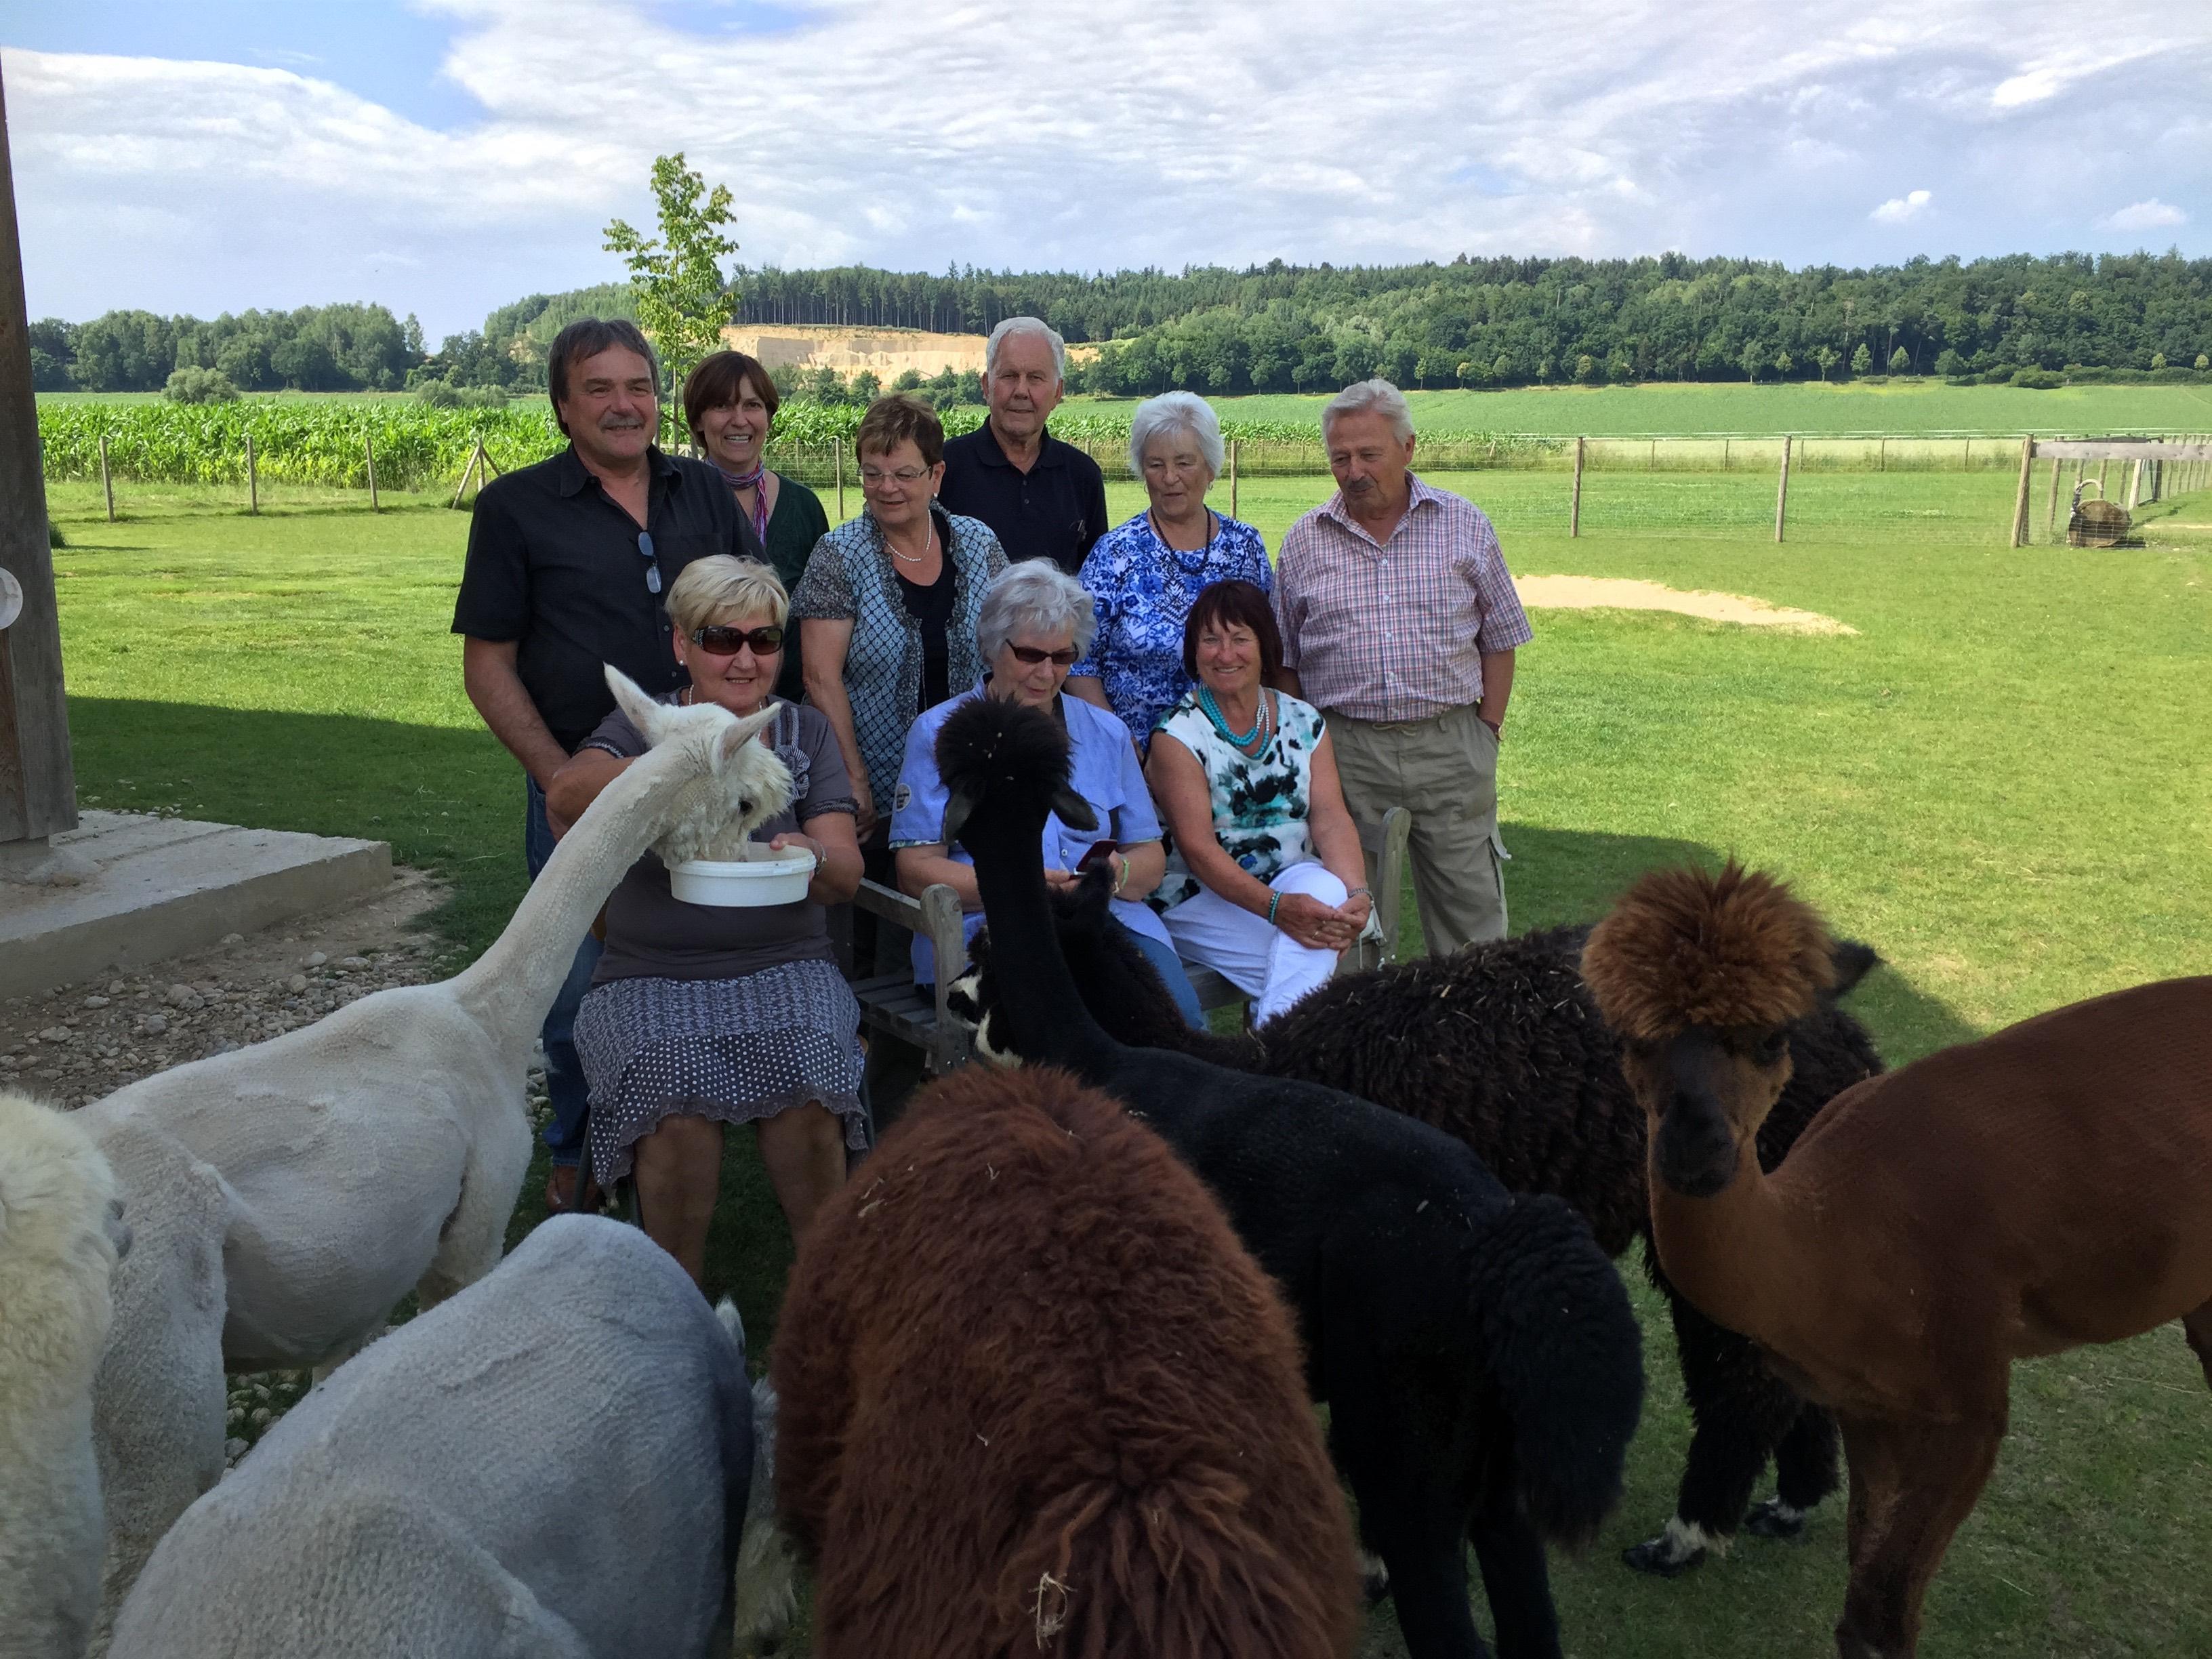 Seniorenbeirat Ortenburg zu Besuch auf unserem Erlebnisbauernhof für alle Generationen